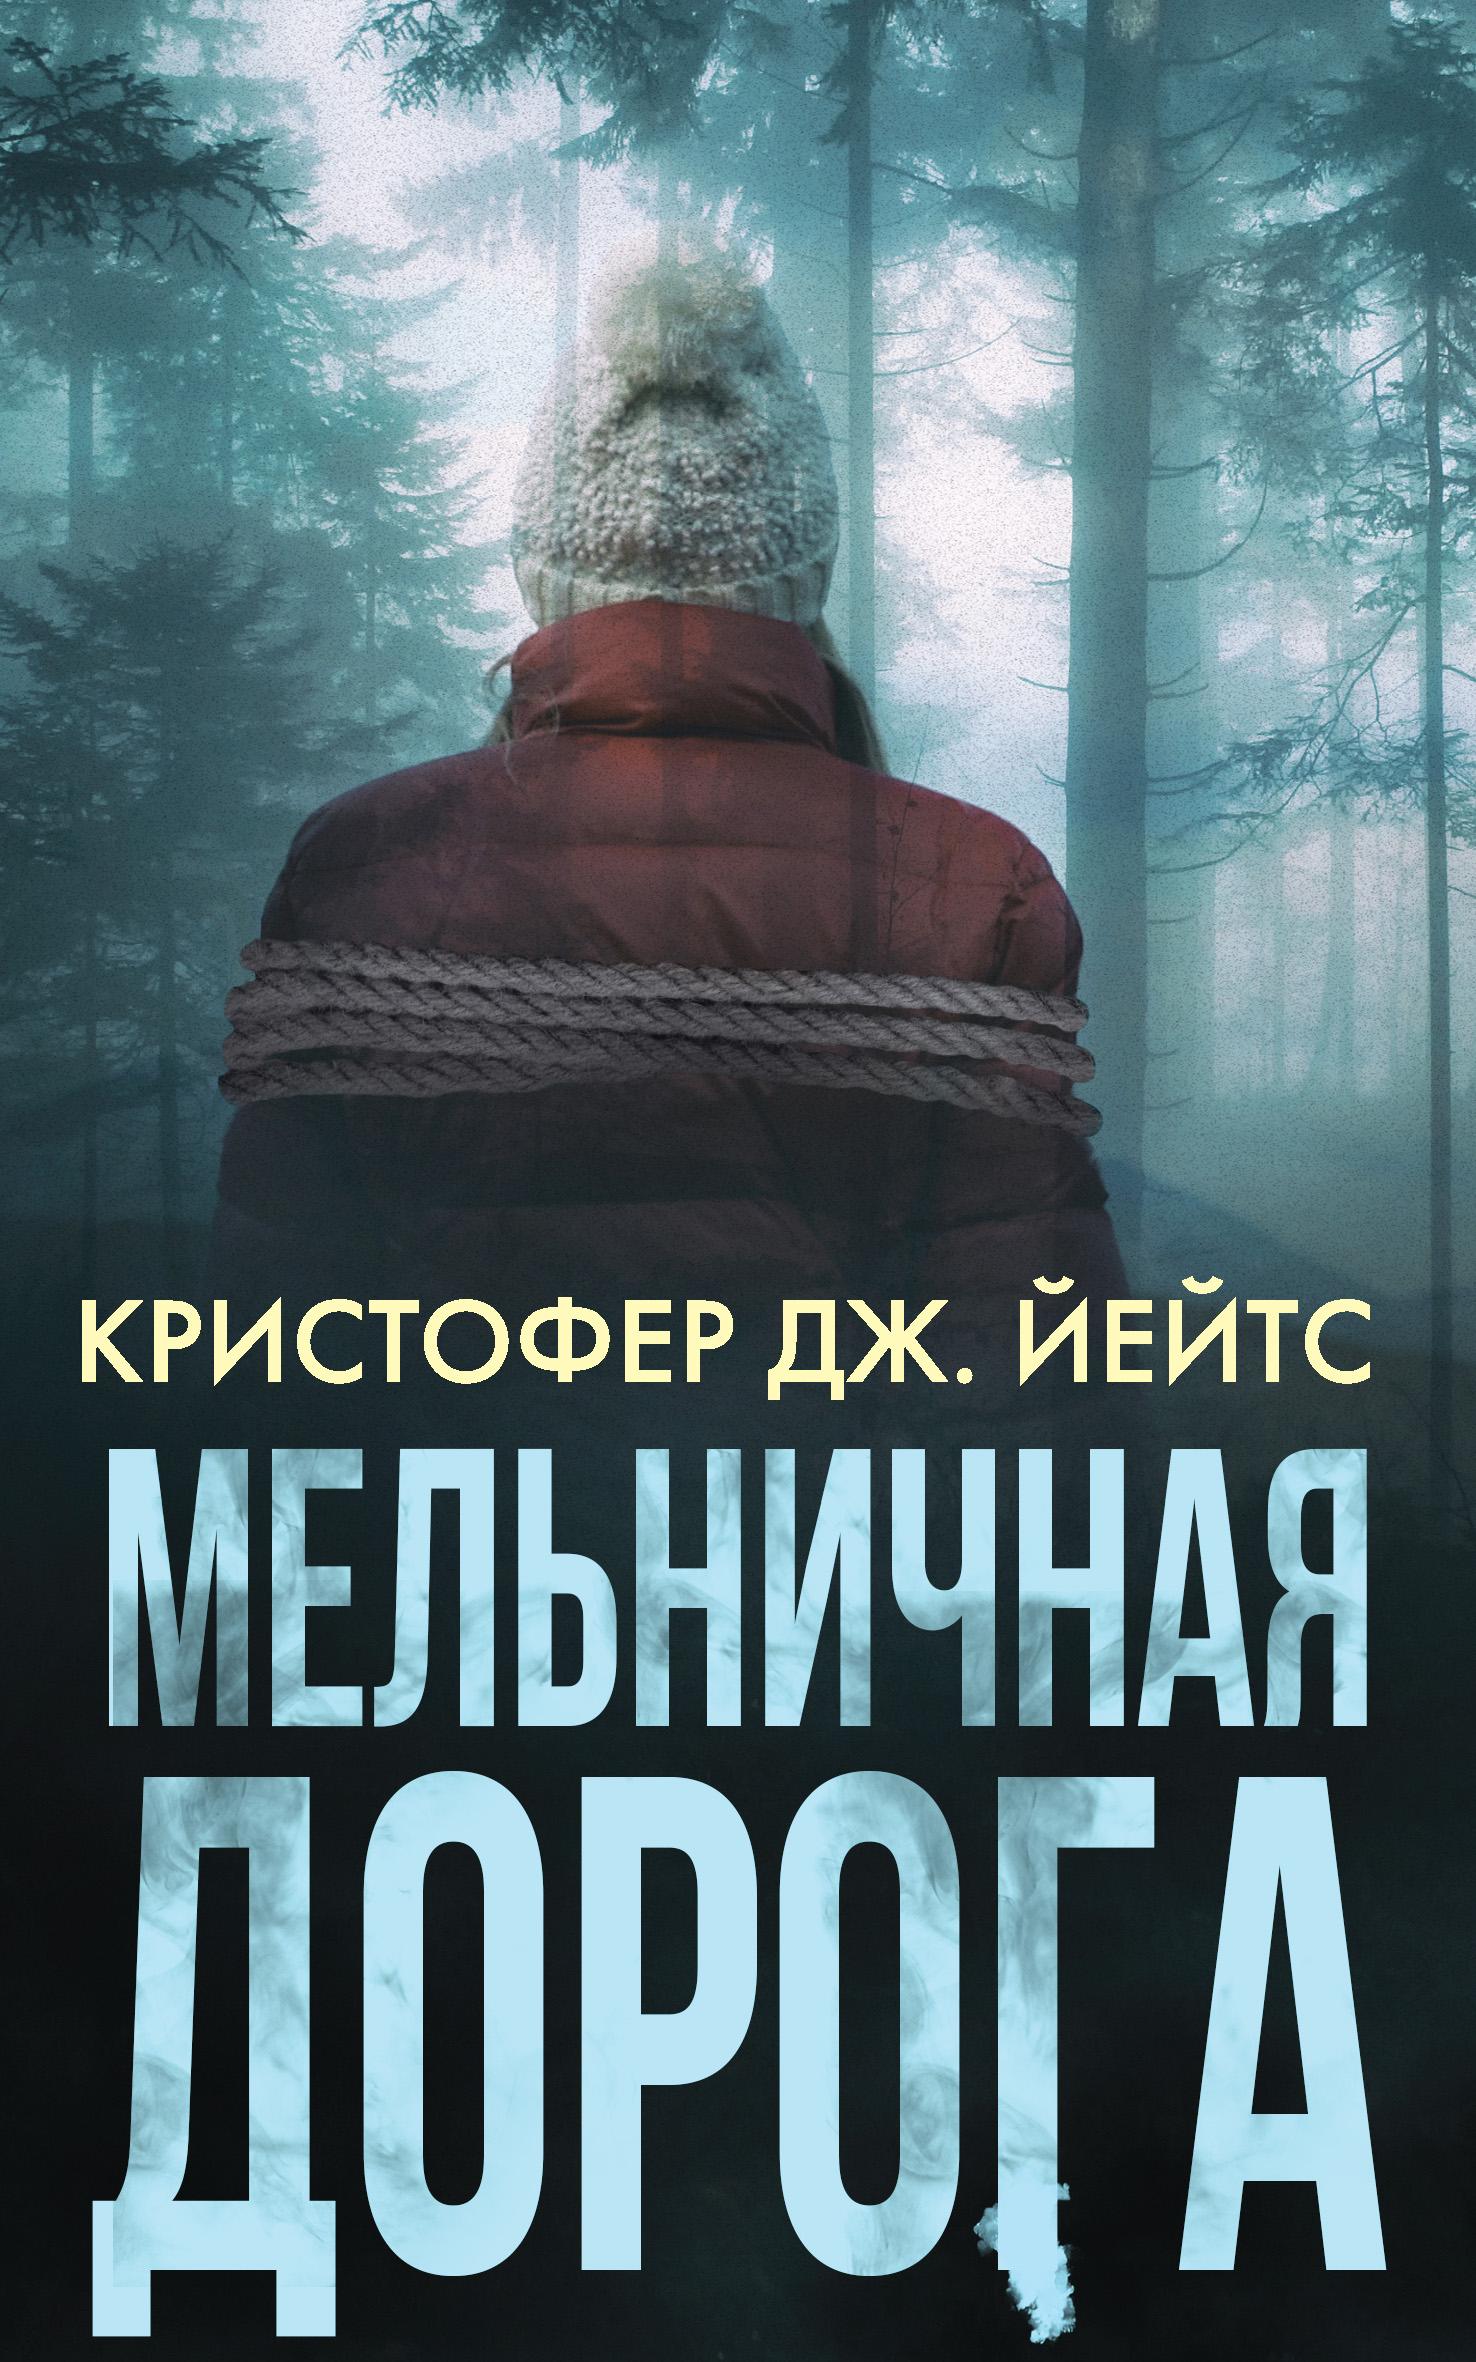 Купить книгу Мельничная дорога, автора Кристофера Дж. Эйтса